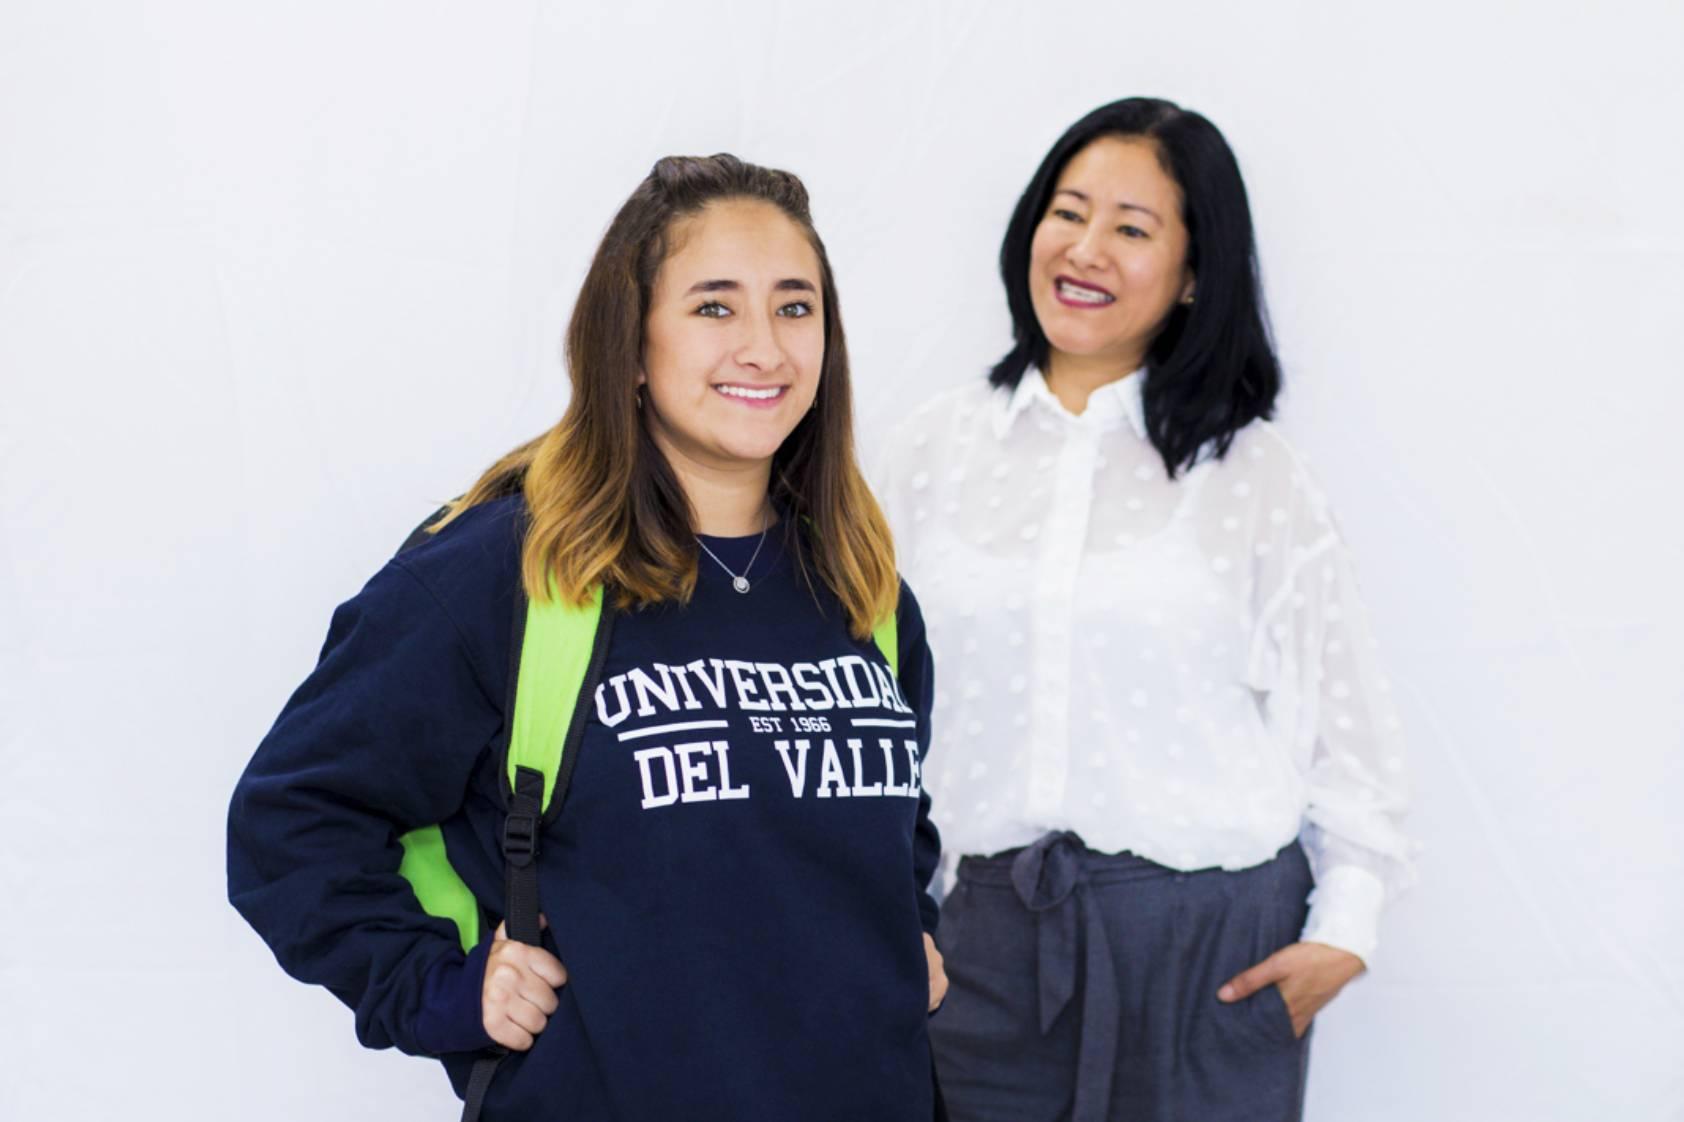 Conexión UVG, seminarios web para padres de nuestros futuros estudiantes